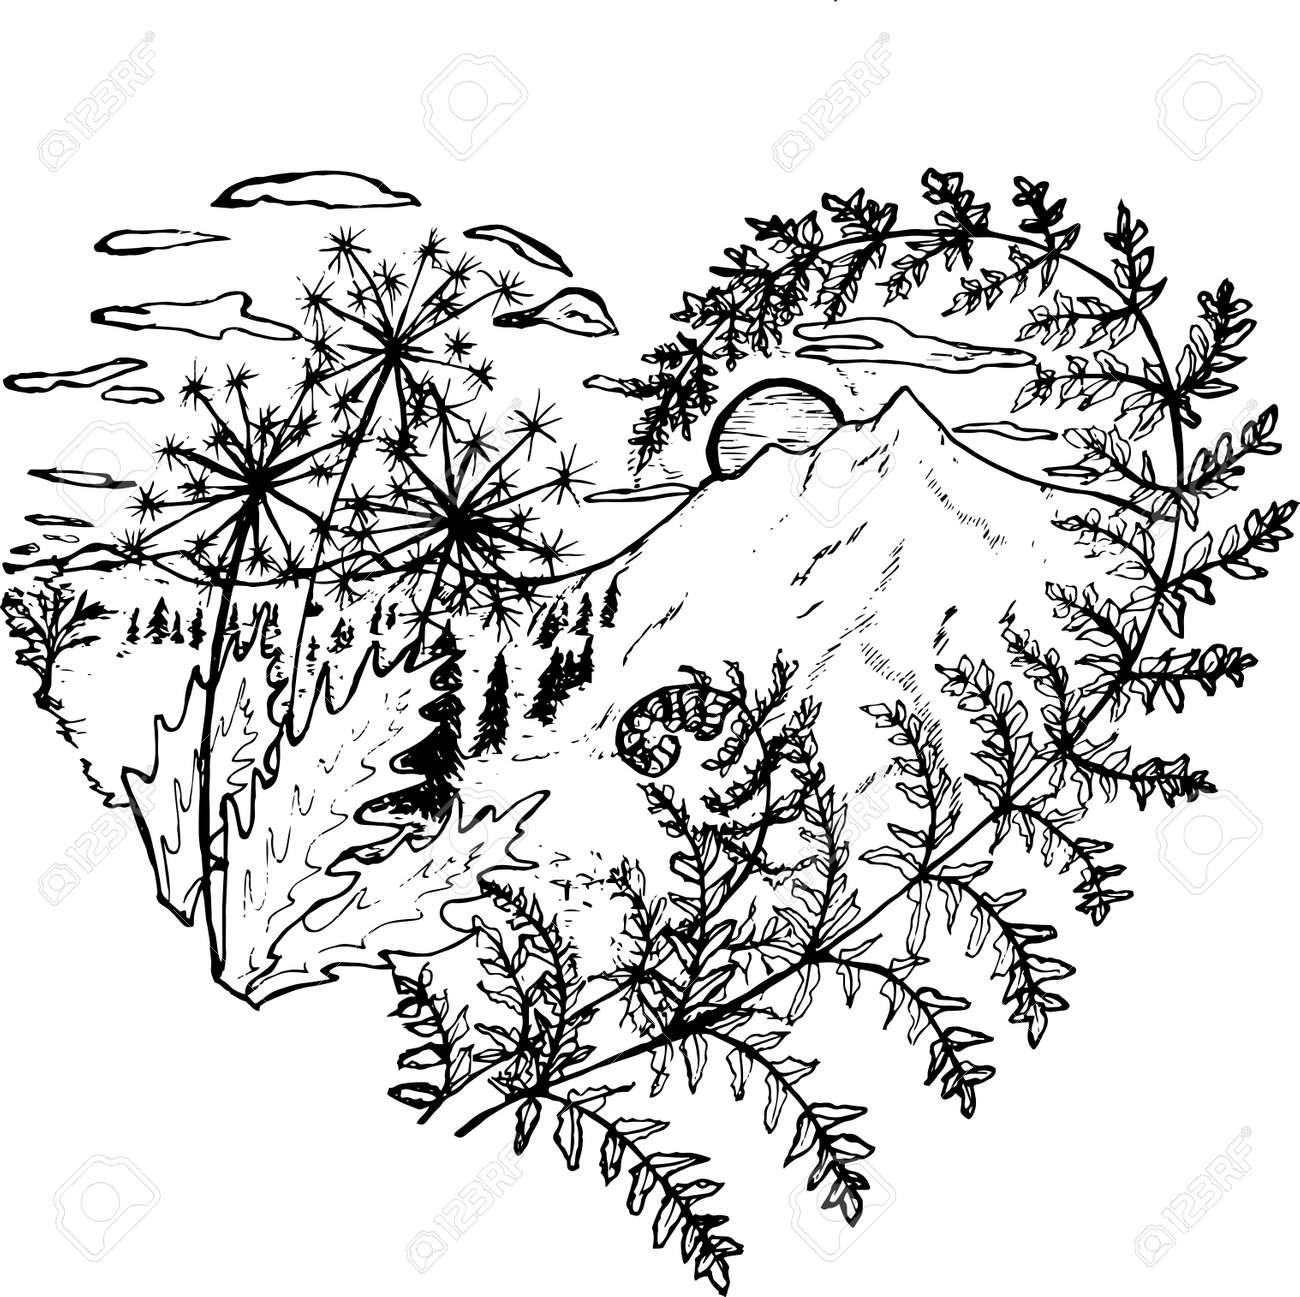 Dessin Noir Et Blanc Du Coeur Dans Lequel Pissenlits Fougères